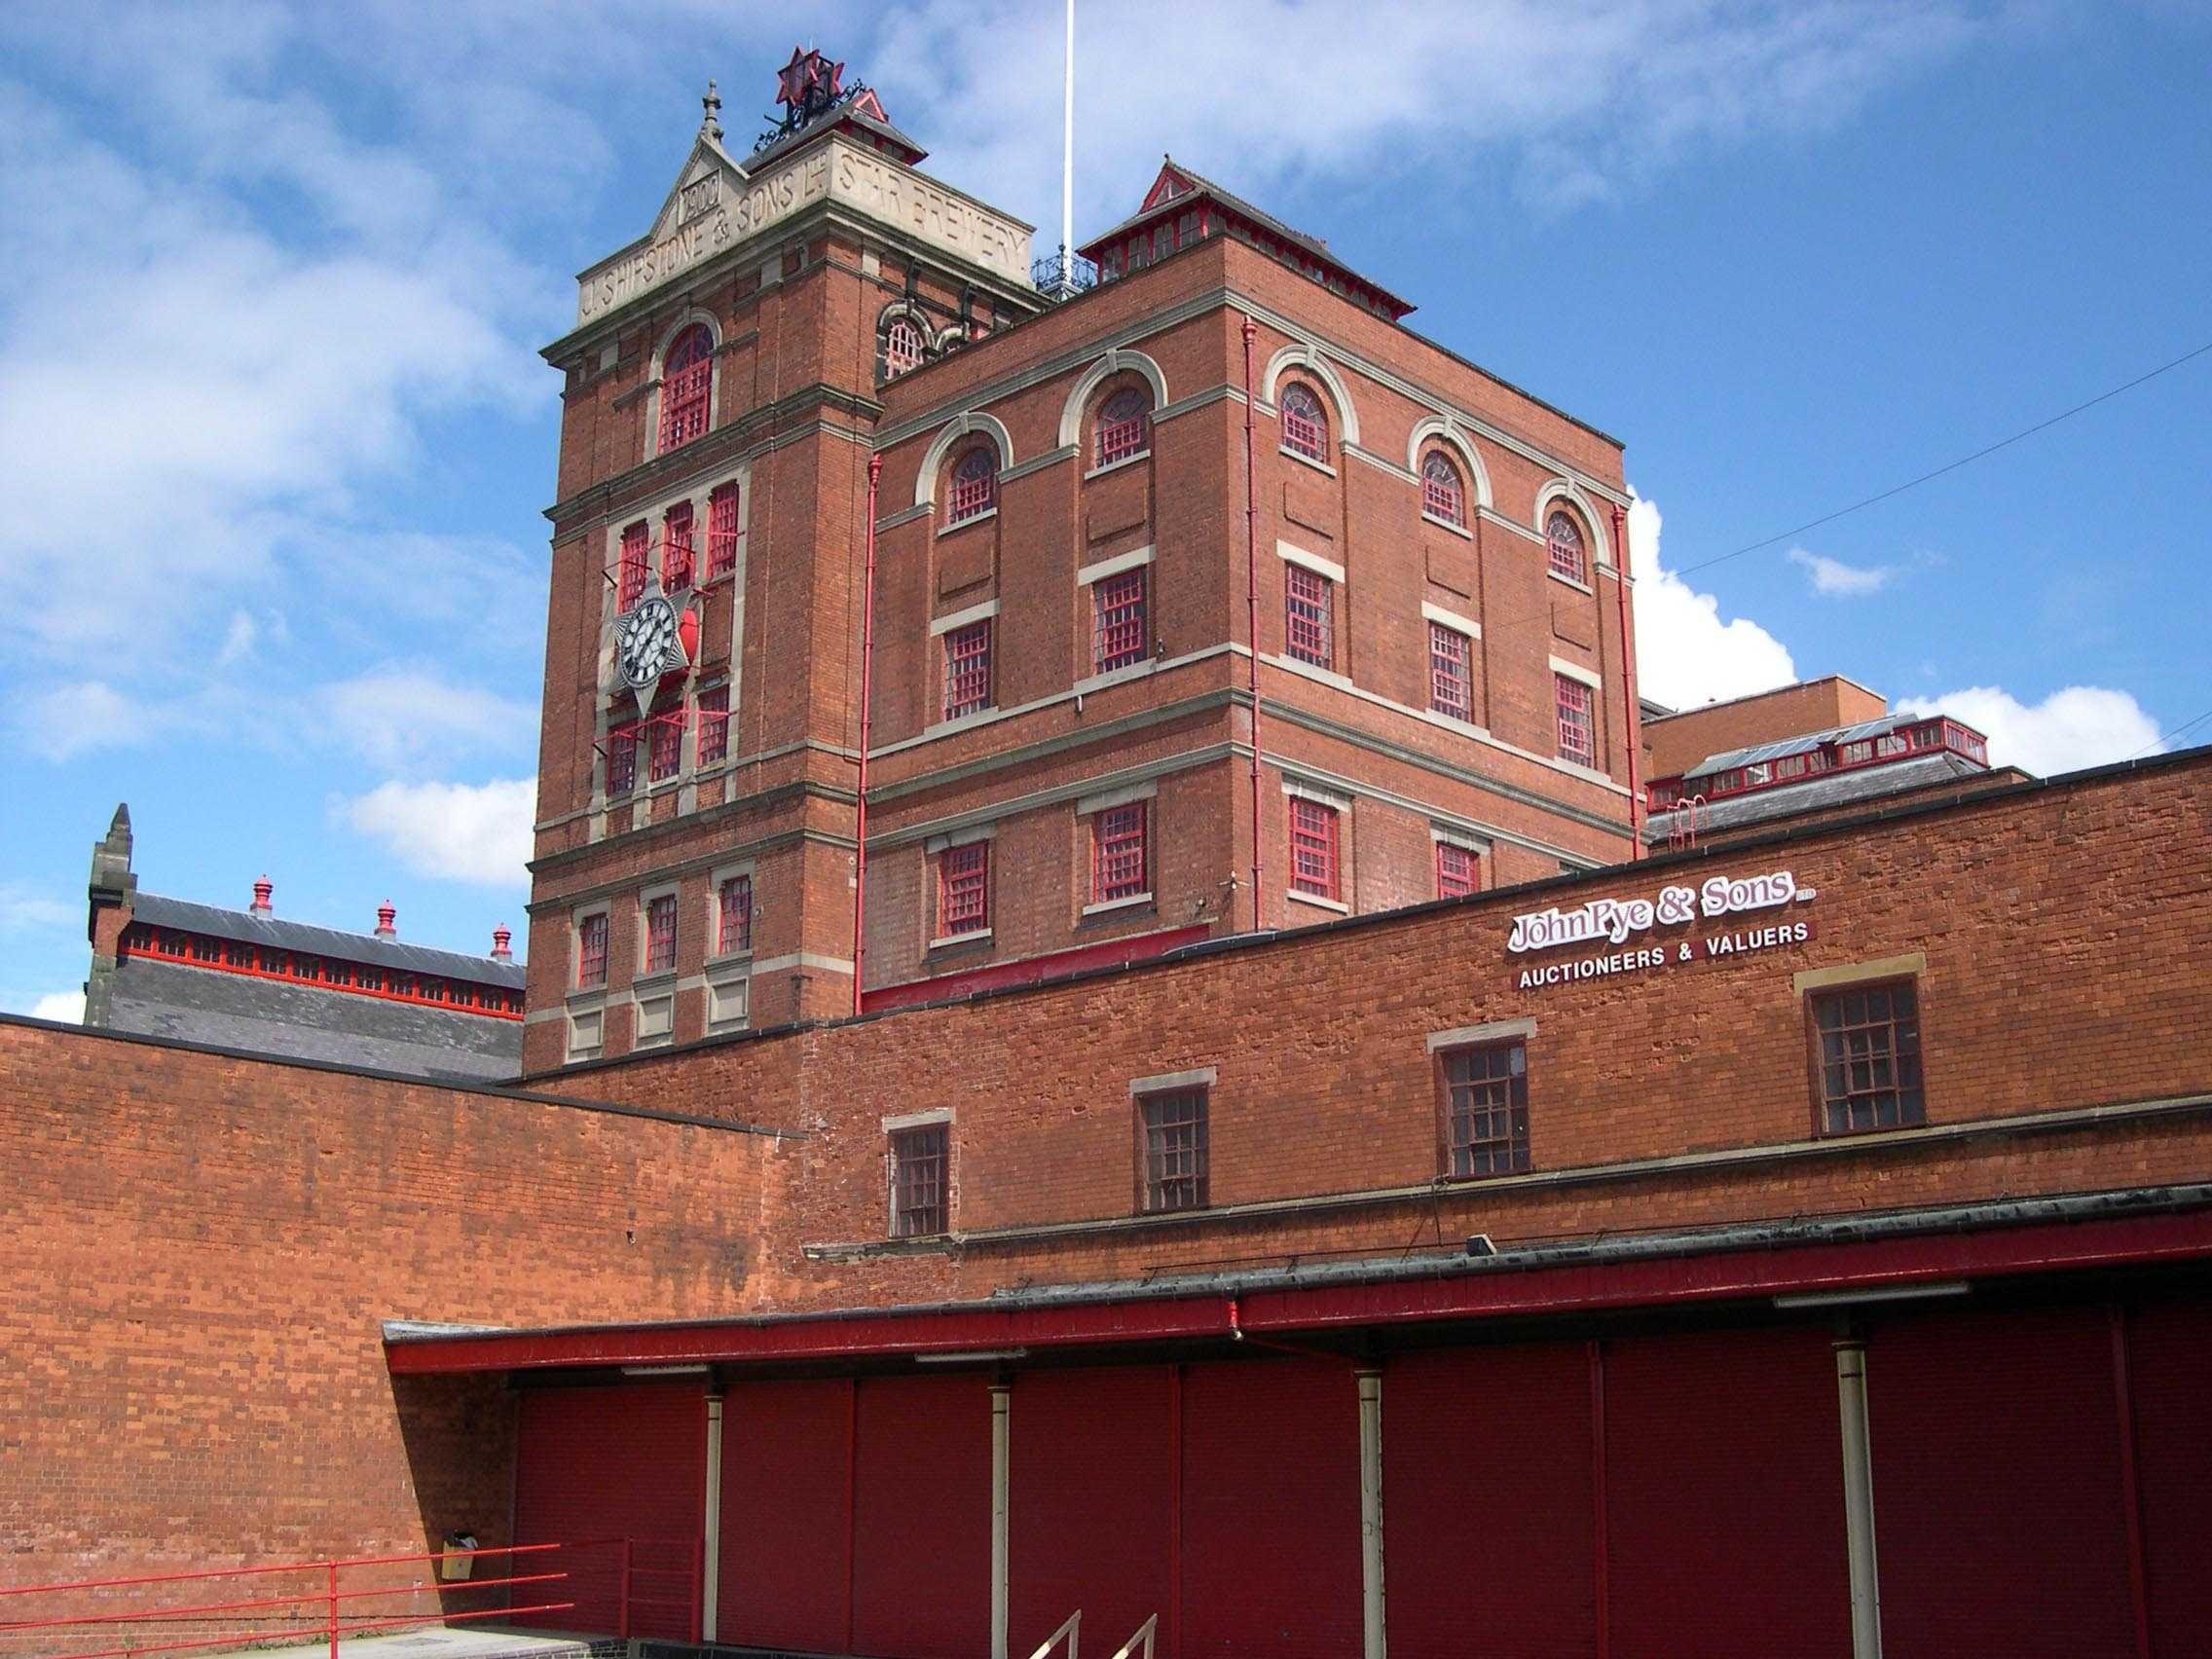 John Pye & Sons - Nottingham HQ James Shipstone House (Exterior)